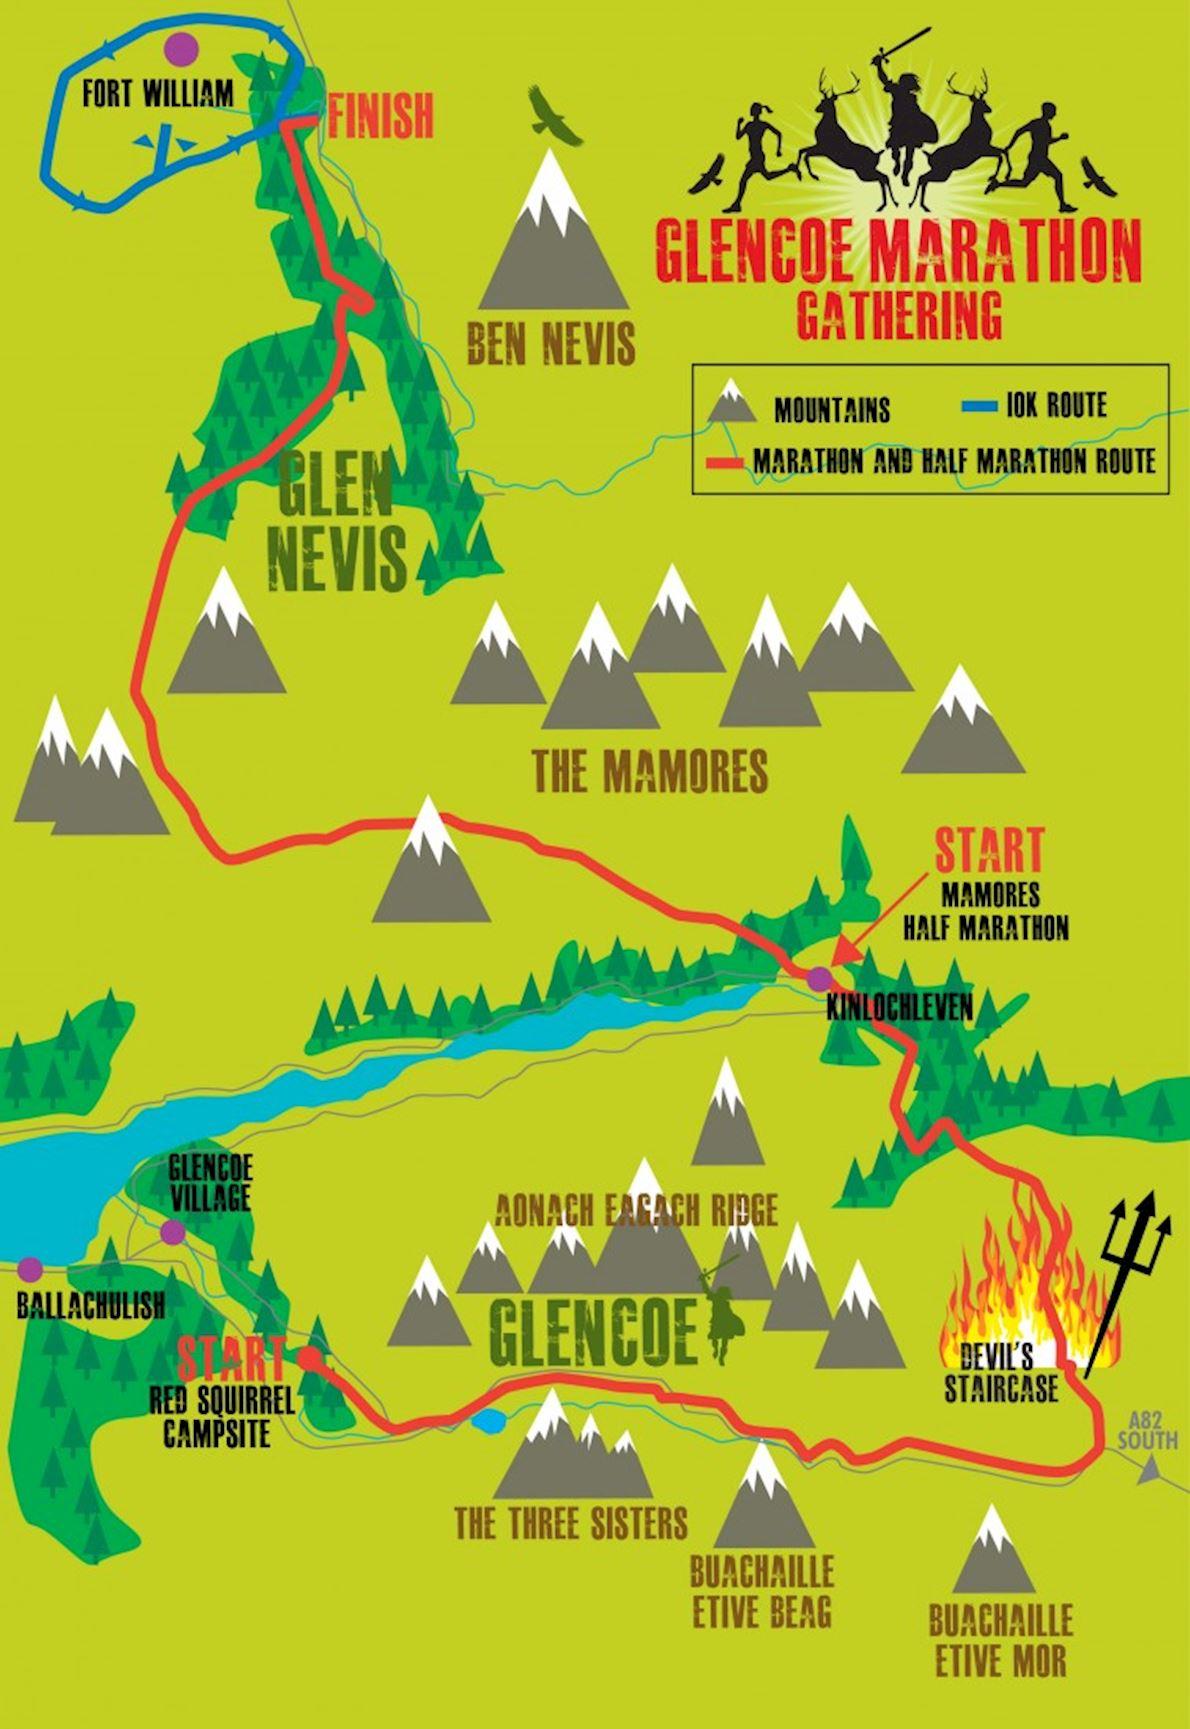 Glencoe Marathon Gathering Route Map